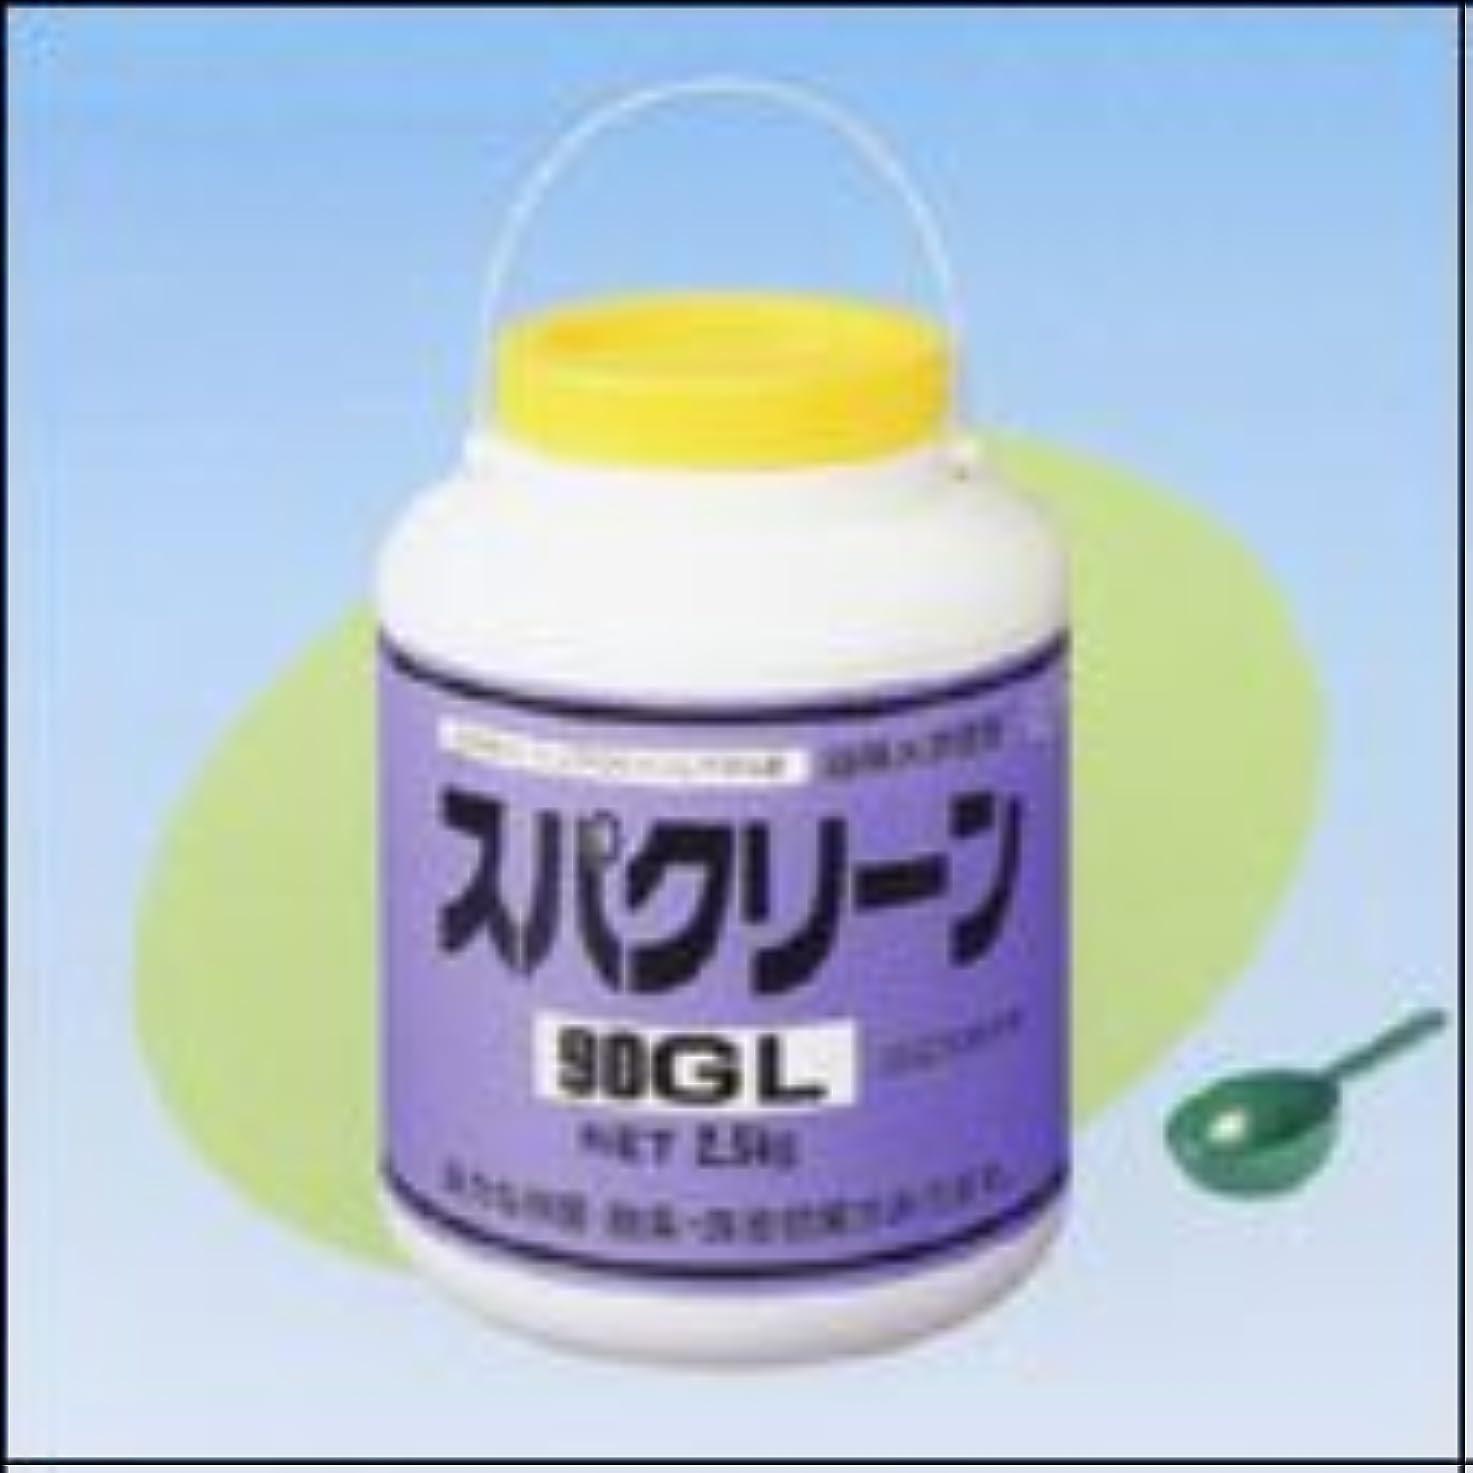 交換嫌い含むスパクリーン 90GL 2.5kg 浴用水精澄剤 塩素